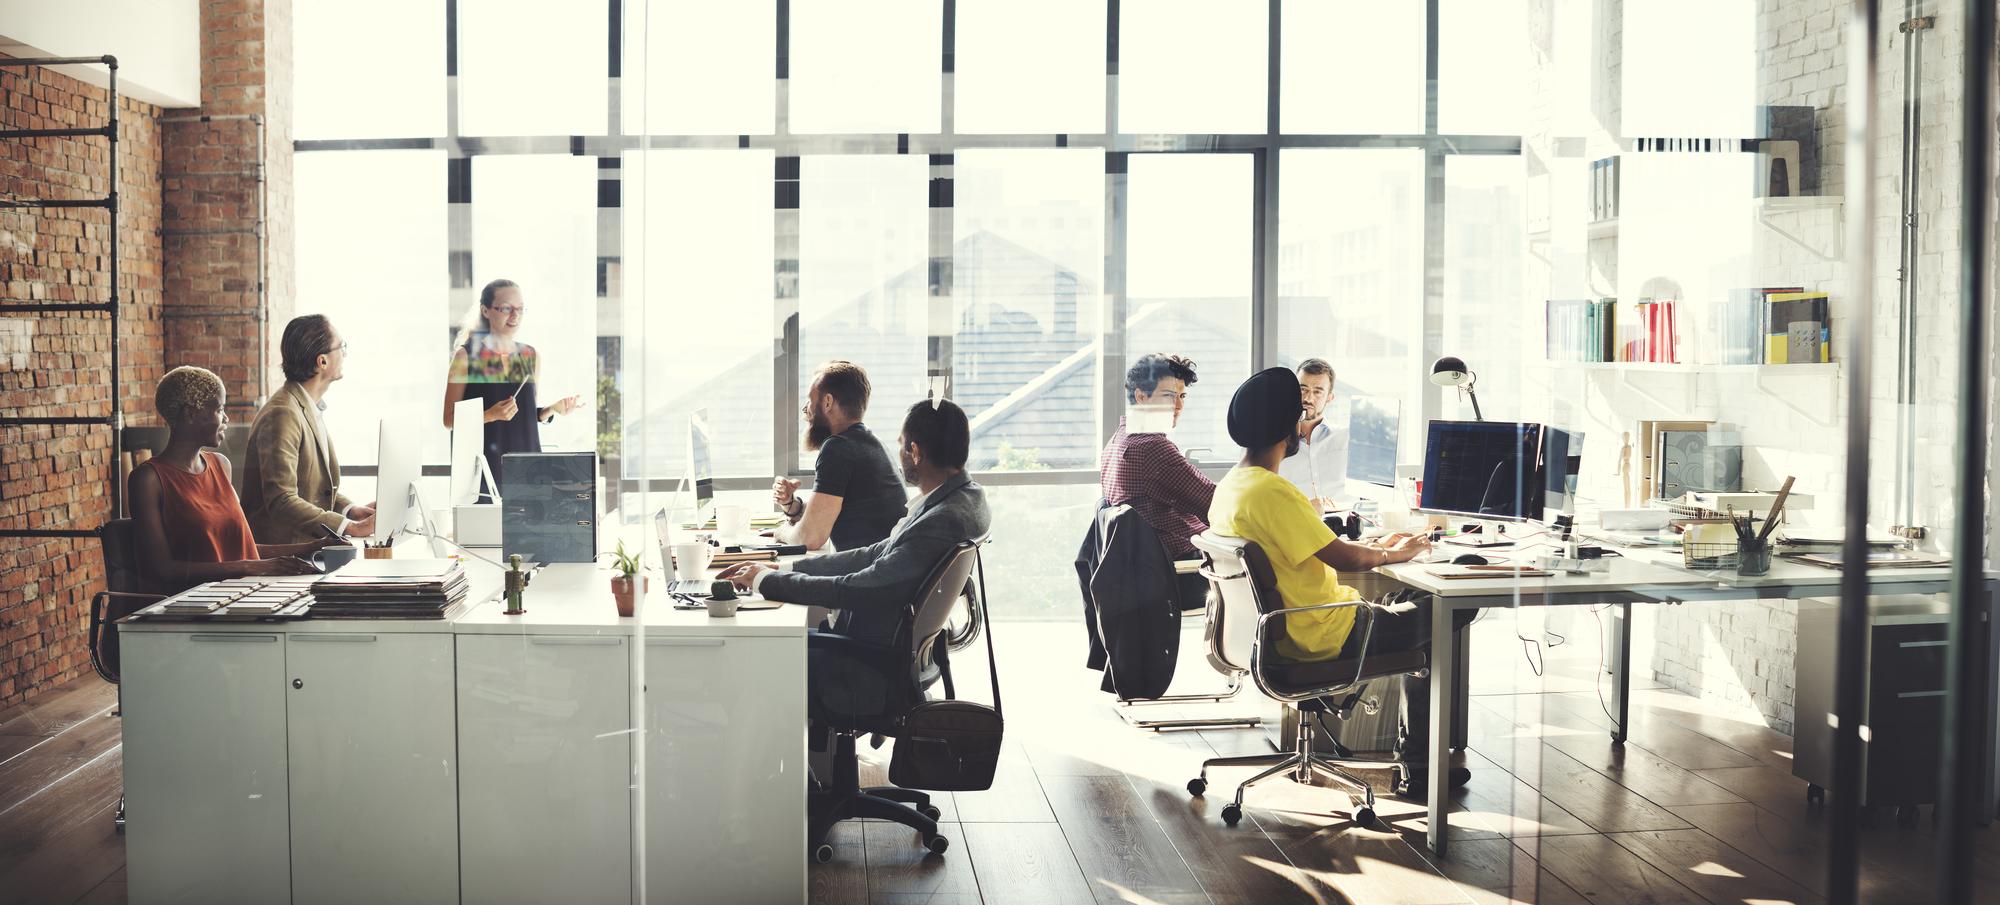 スペースマーケットが日本のスペースシェアをリードする。その立ち上げから最新情報まで徹底解説